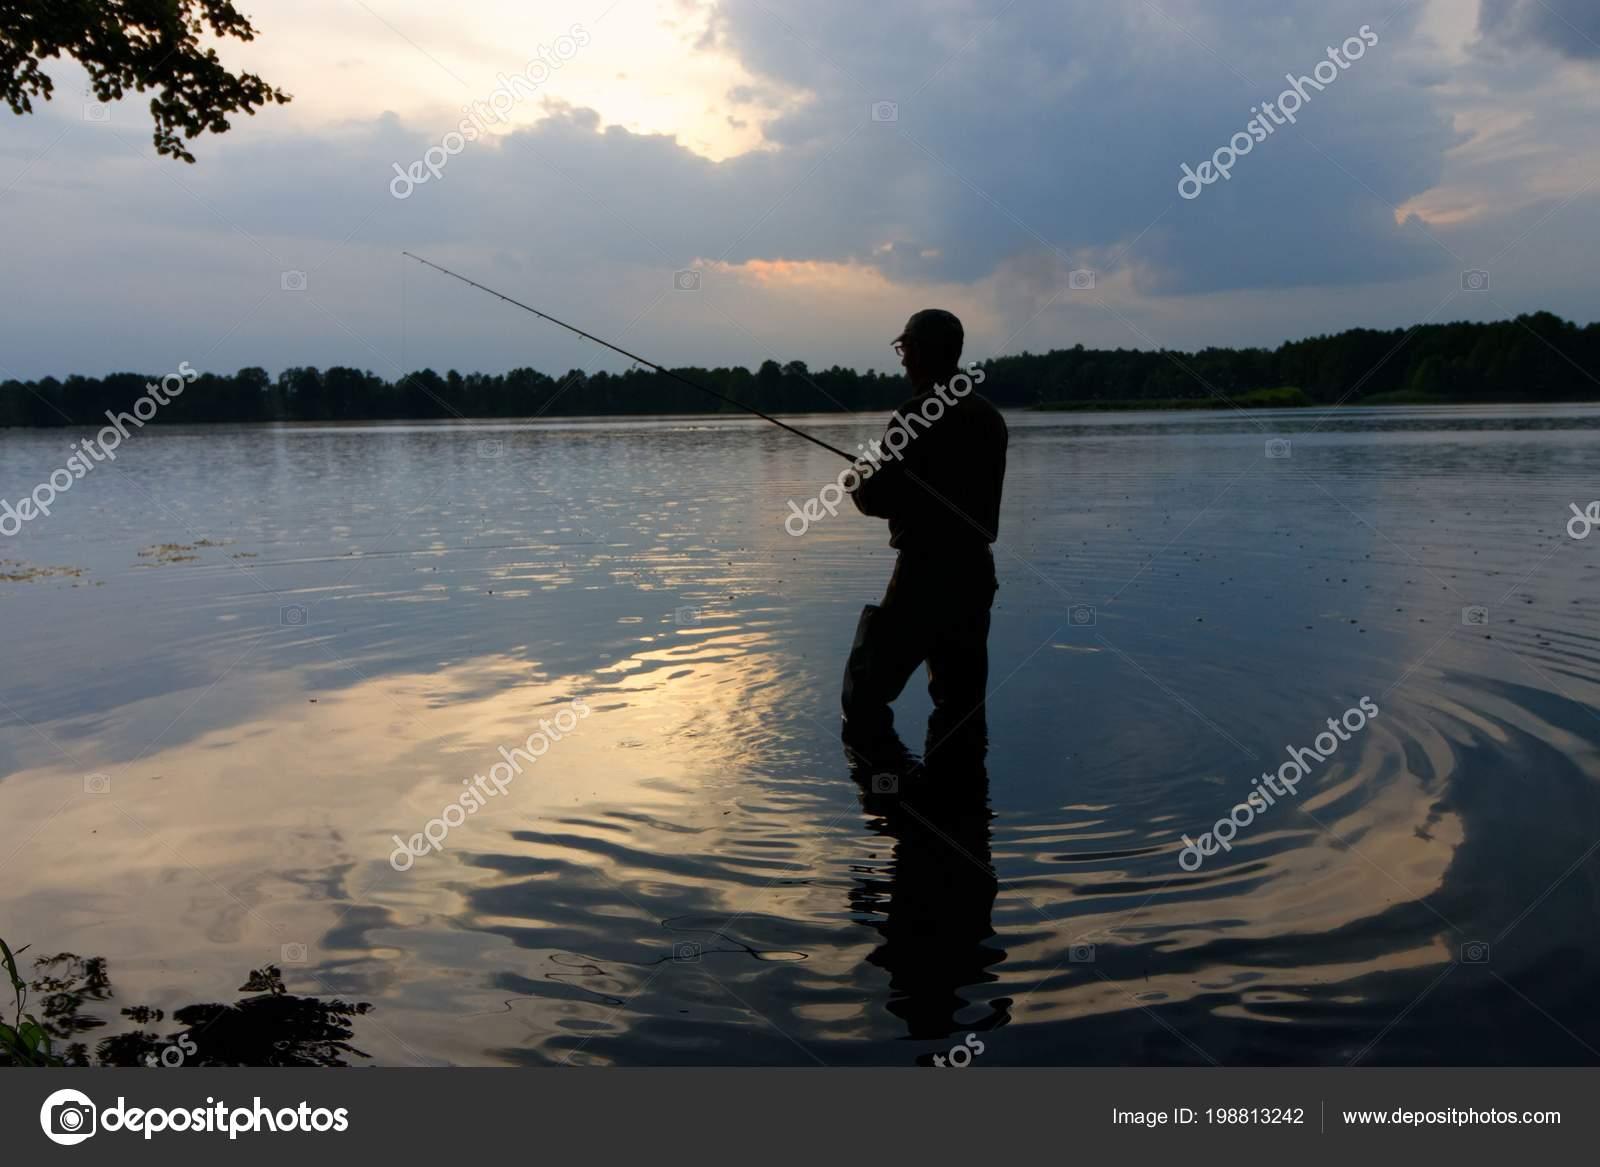 Рыбак Стоя Озере Ловить Рыбу Время Дождя — Стоковое фото ...